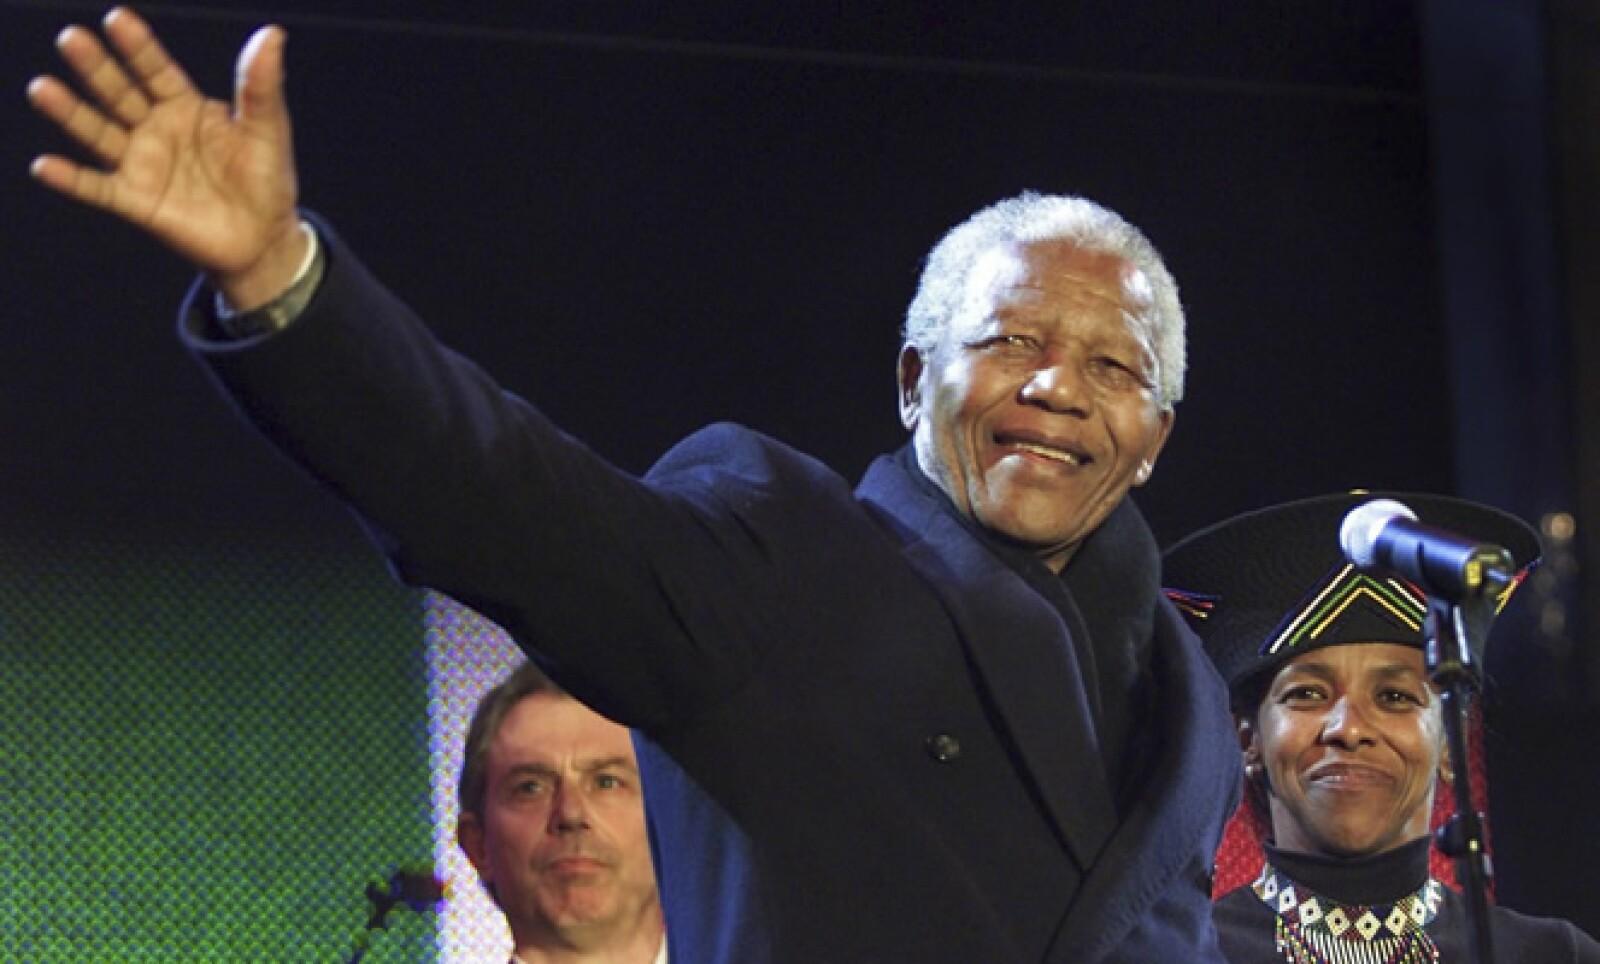 """""""El tiempo de sanar las heridas ha llegado. El momento de cruzar los abismos que nos dividen ha llegado"""", pronunció Mandela en su discurso de asunción al convertirse en el primer presidente negro de Sudáfrica en 1994."""